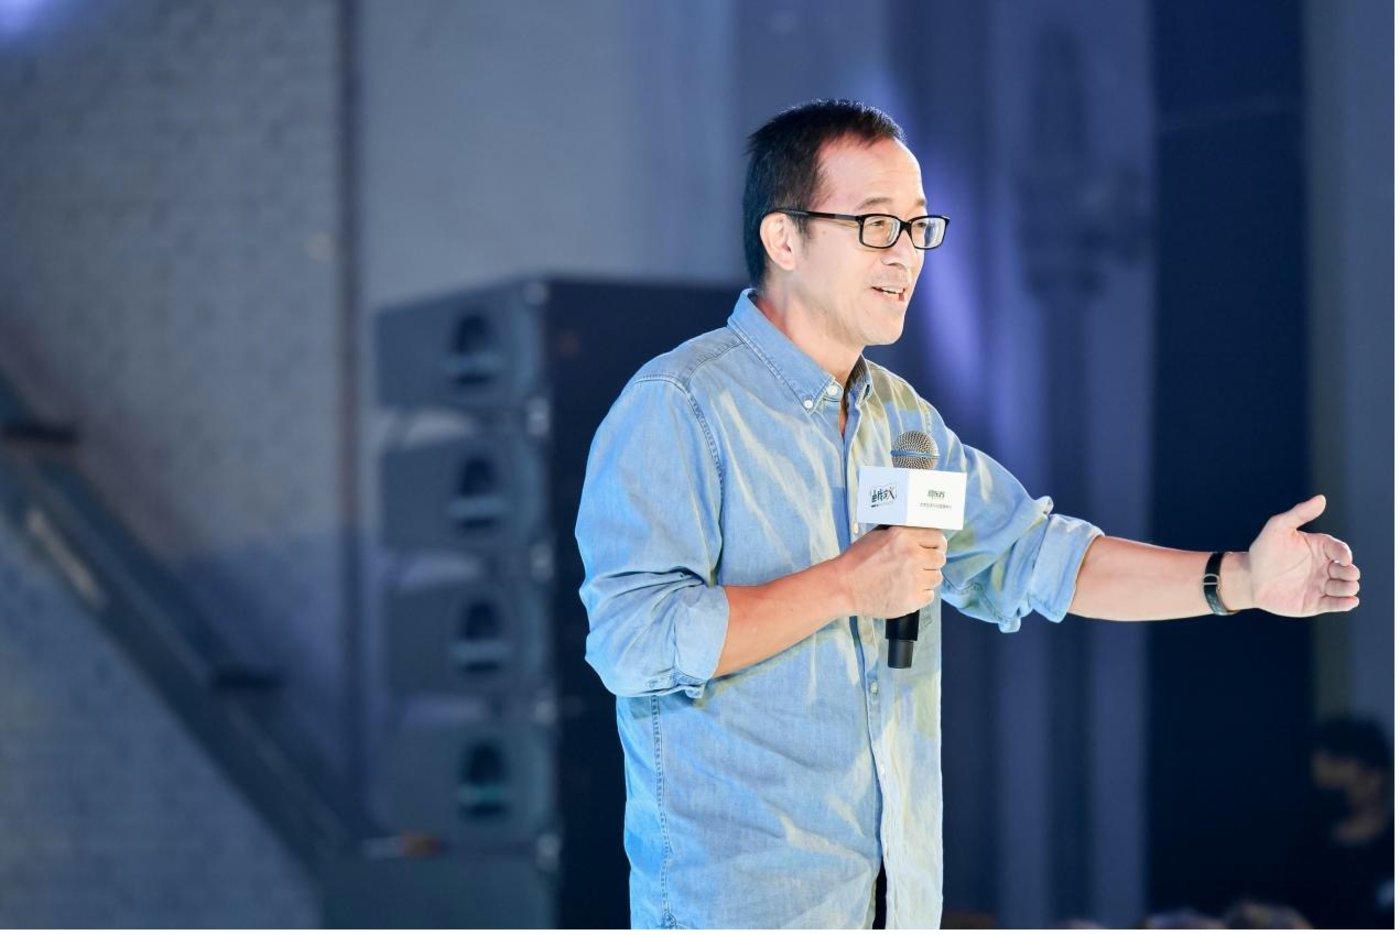 9月25日下午,新东方教育科技集团董事长俞敏洪出现在新东方大学生学习与发展中心品牌升级发布会